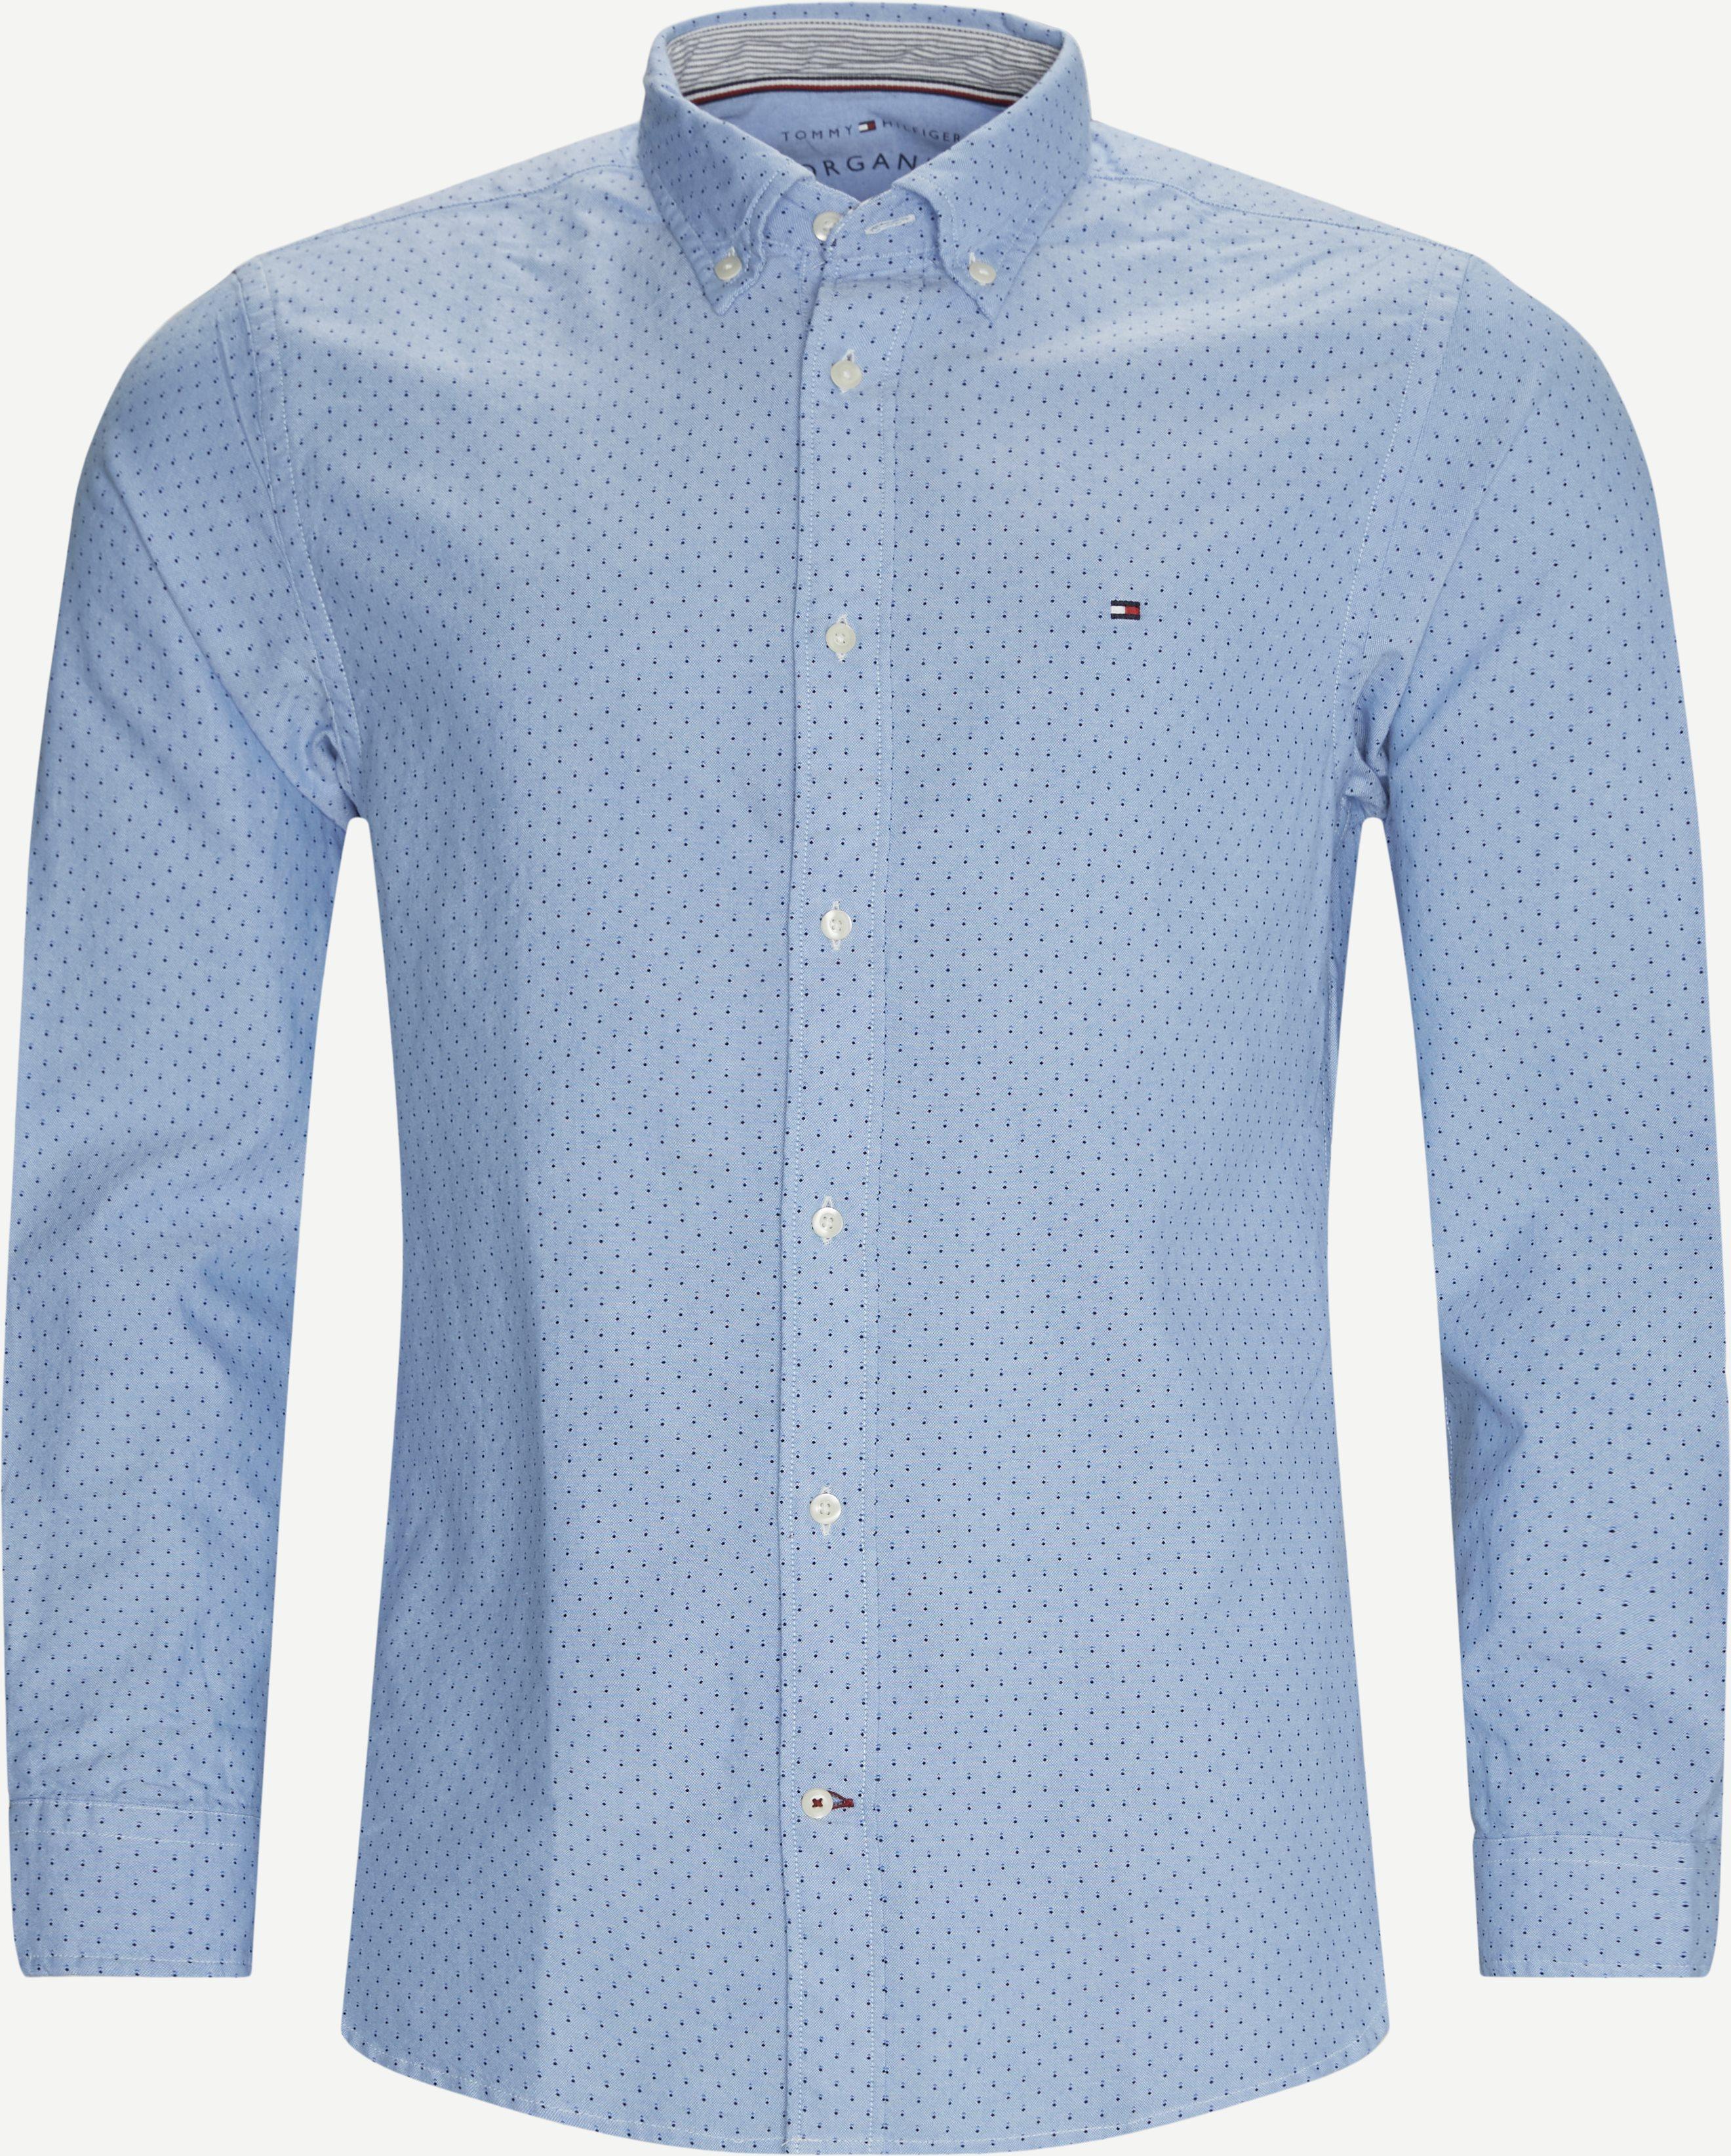 Oxford Mini Print Skjorte - Skjorter - Regular - Blå